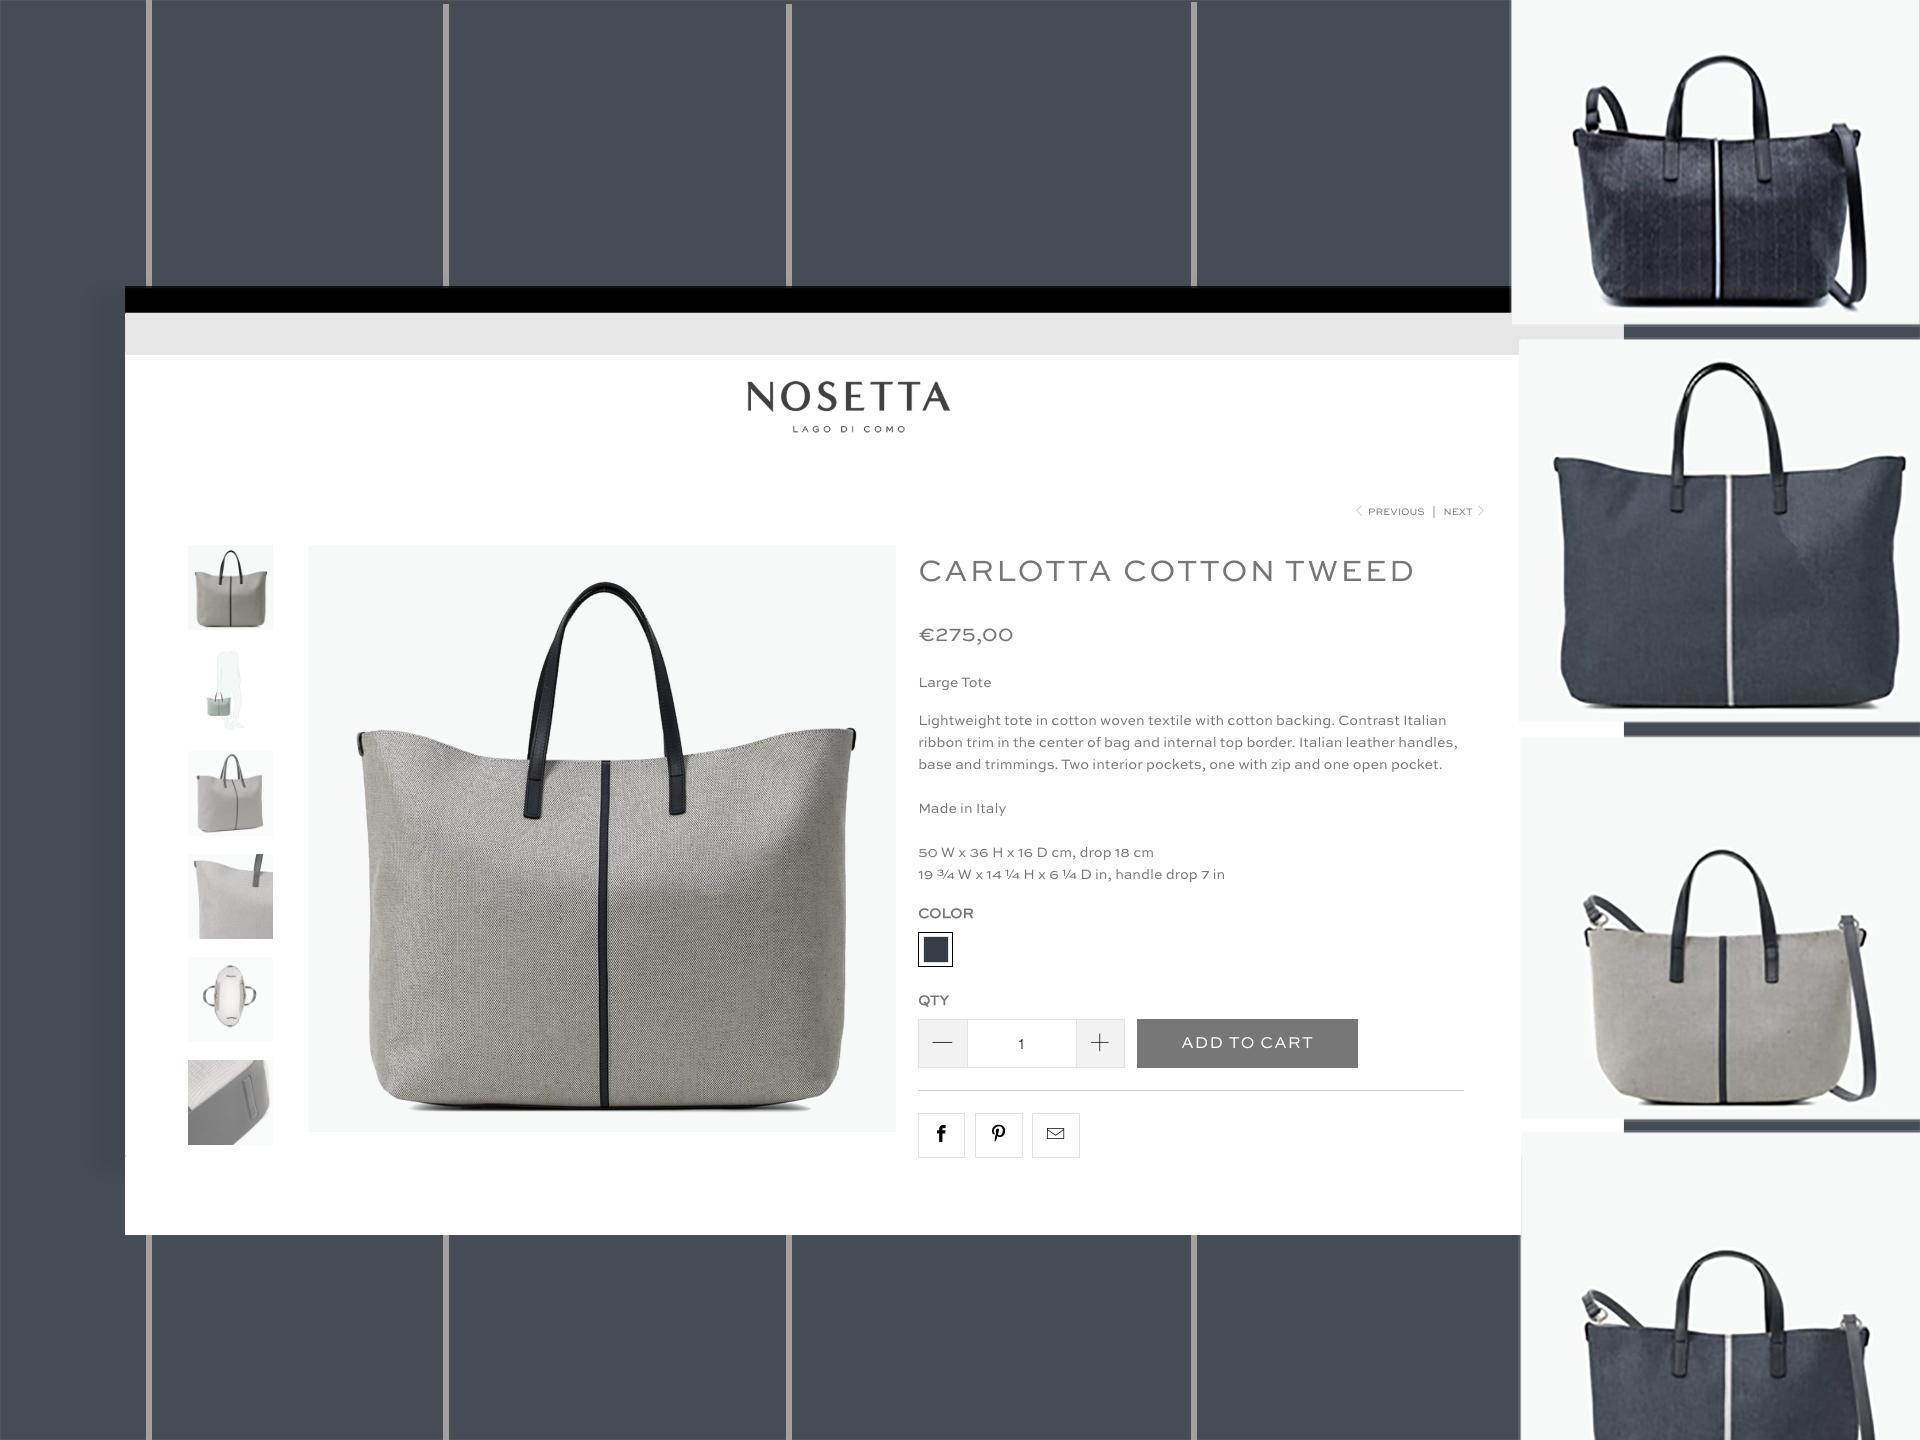 nosetta-1920x1440